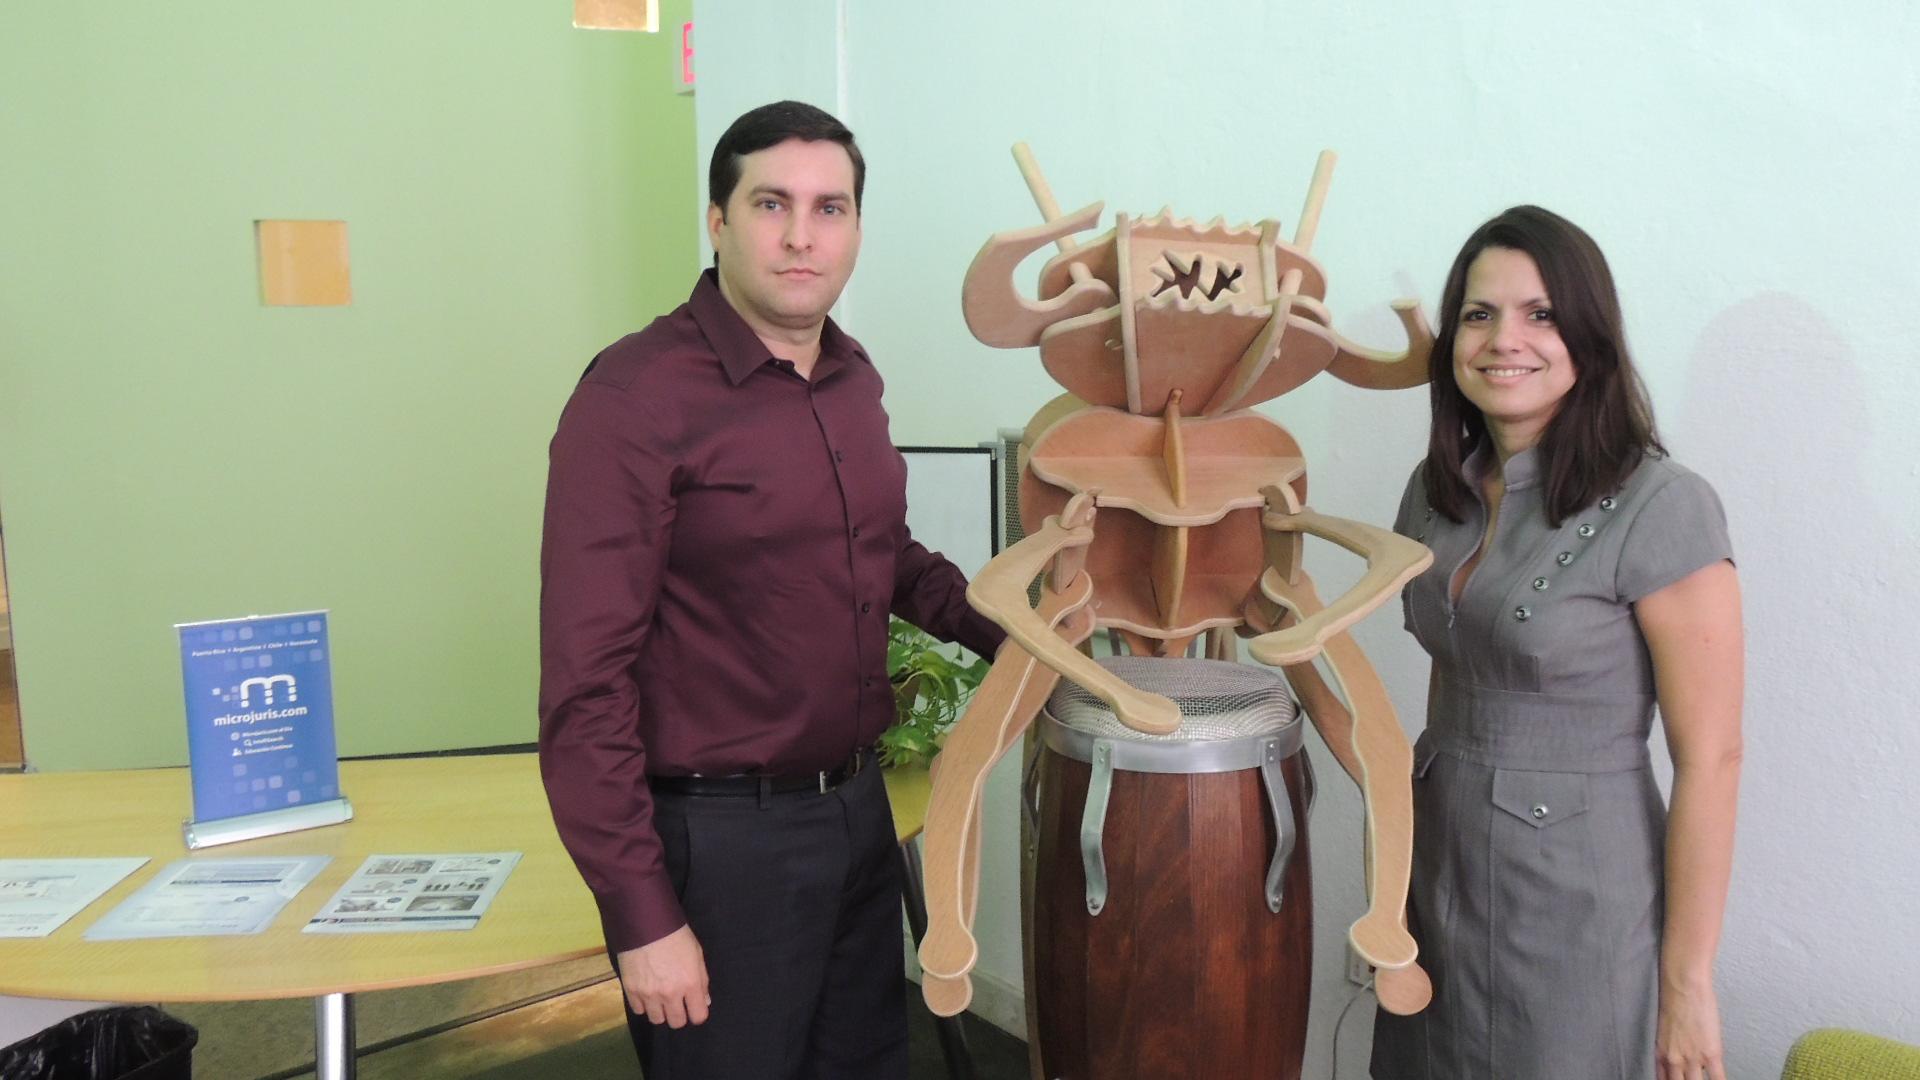 Microjuris entrega importante premio a estudiante destacado de la Inter Derecho